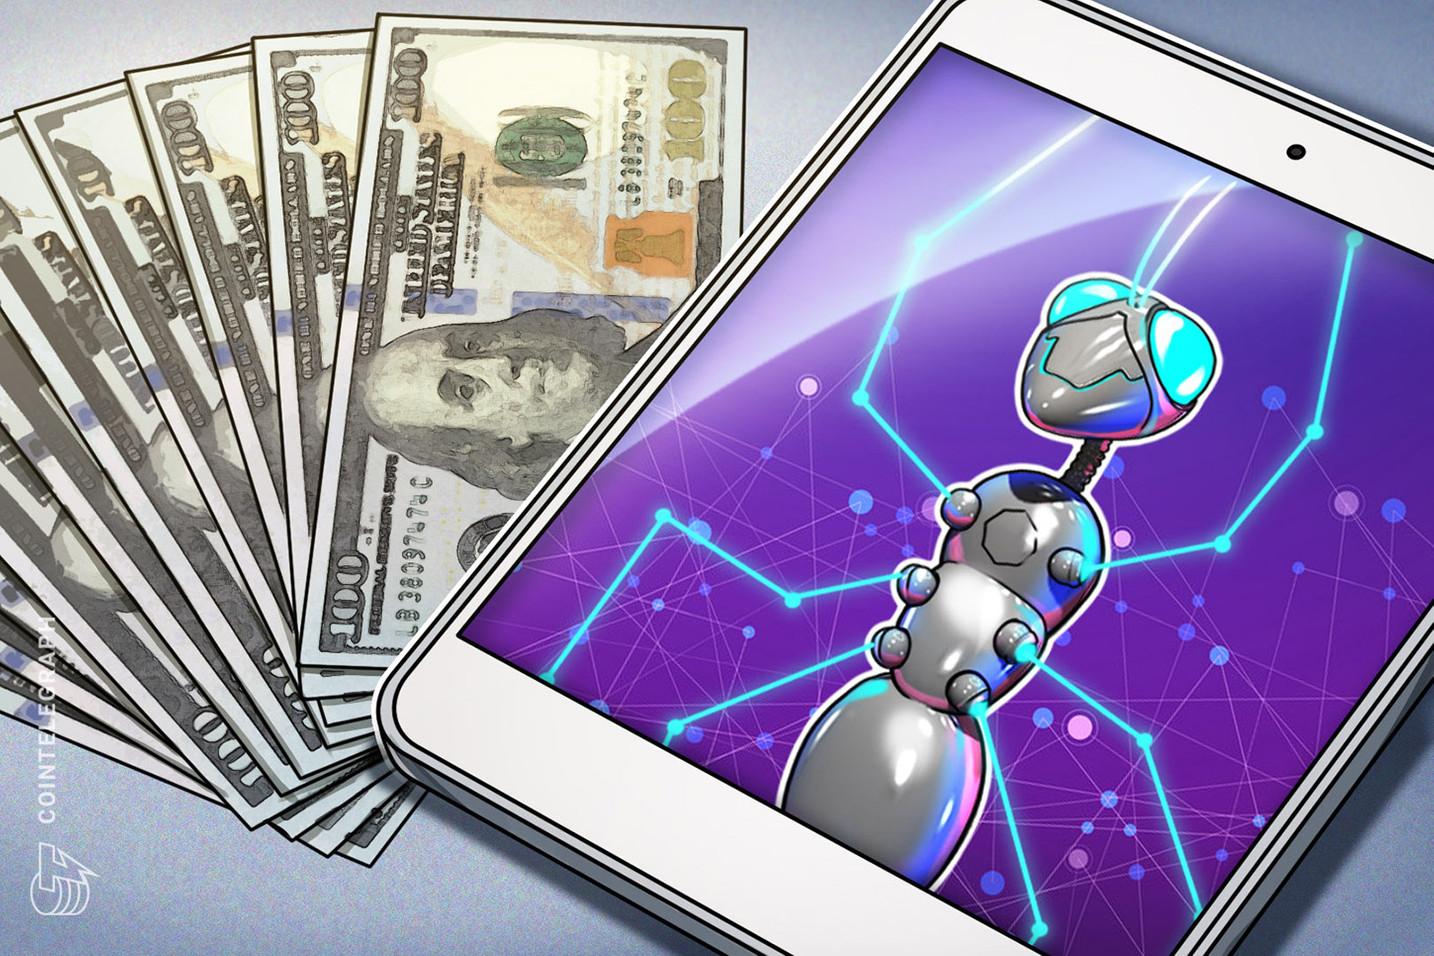 Bitcoini koostalitlusvõimaluste platvorm Interlay kogub 3 miljonit dollarit seemnete rahastamist